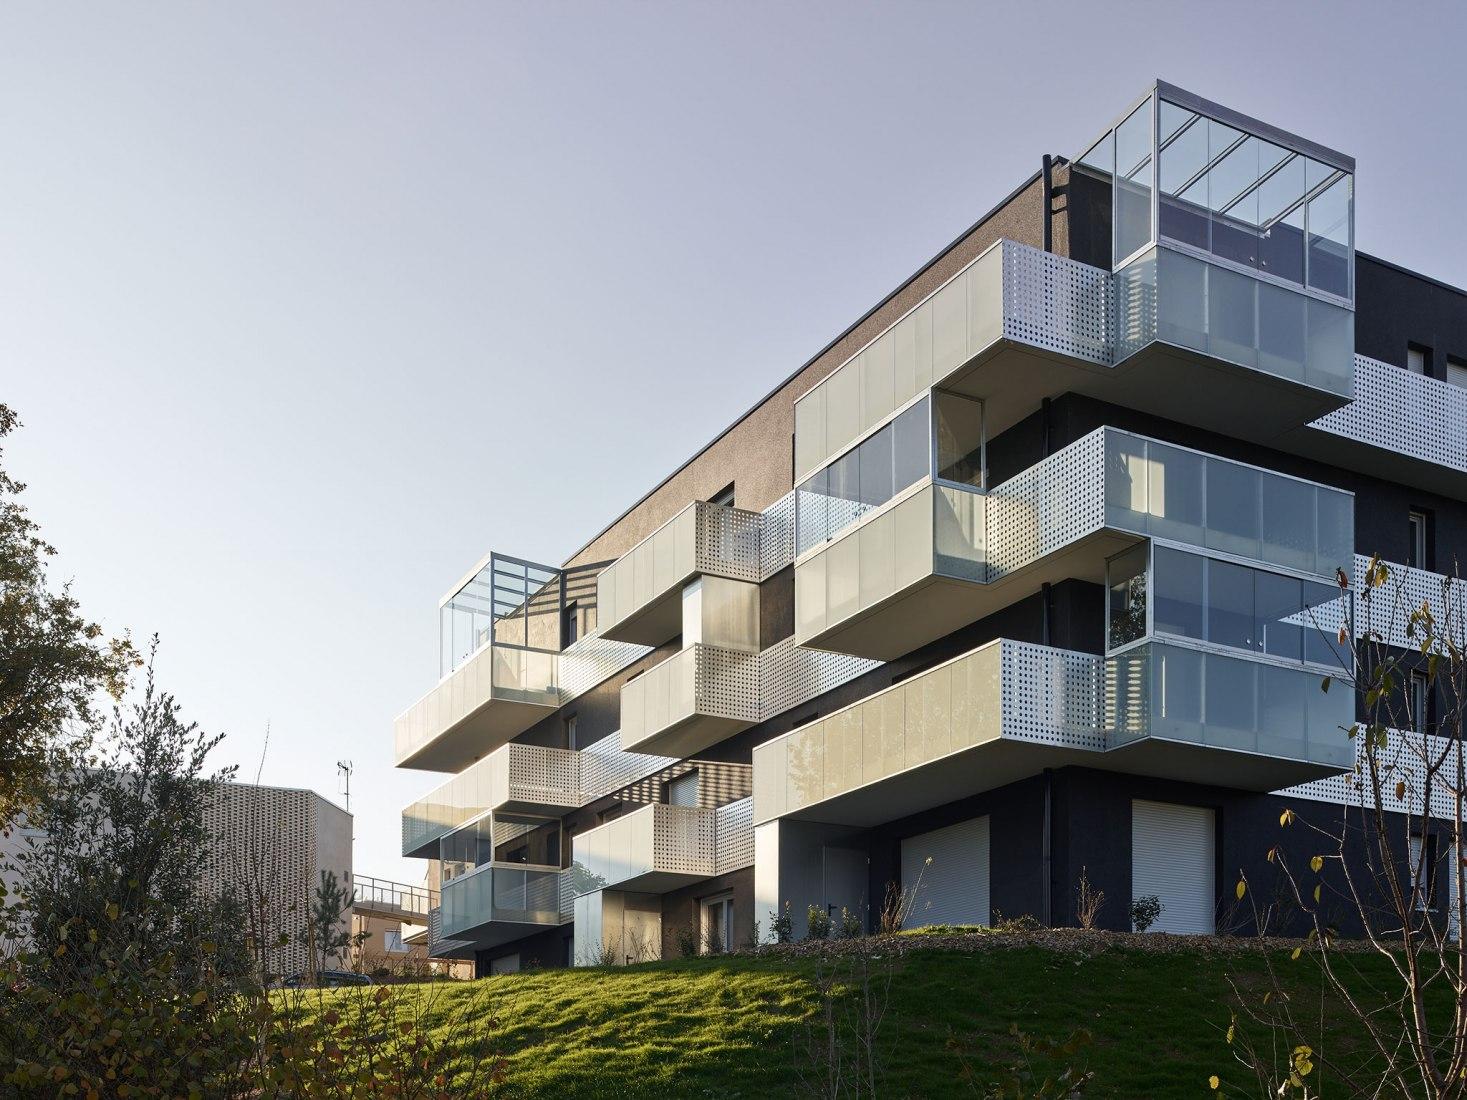 34 viviendas. Les Prairies de Maxime por a/LTA arquitectos. Fotografía por S. Chalmeau